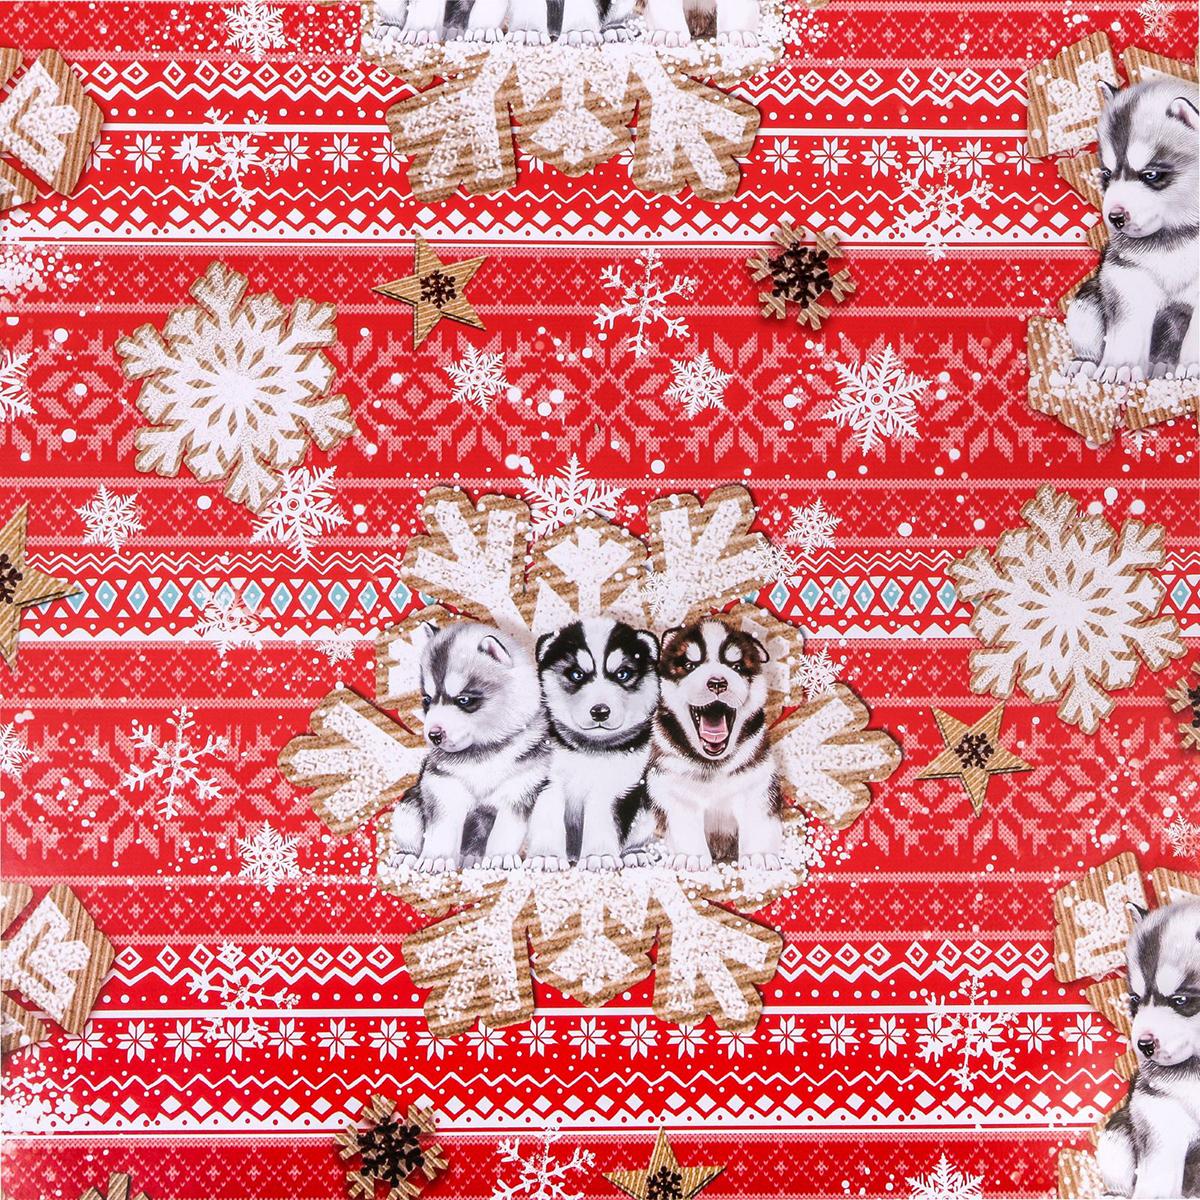 Бумага упаковочная Дарите счастье Новогодние хаски, глянцевая, 70 х 100 см. 25762402576240Все мы хотим, чтобы наш подарок запомнился близкому человеку. Сделать его нарядным и праздничным вам поможет упаковочная бумага. Создайте праздничное настроение с помощью ярких, красочных дизайнов! Дополнить подарок помогут ленты и декор. Дарите счастье в красивой упаковке!